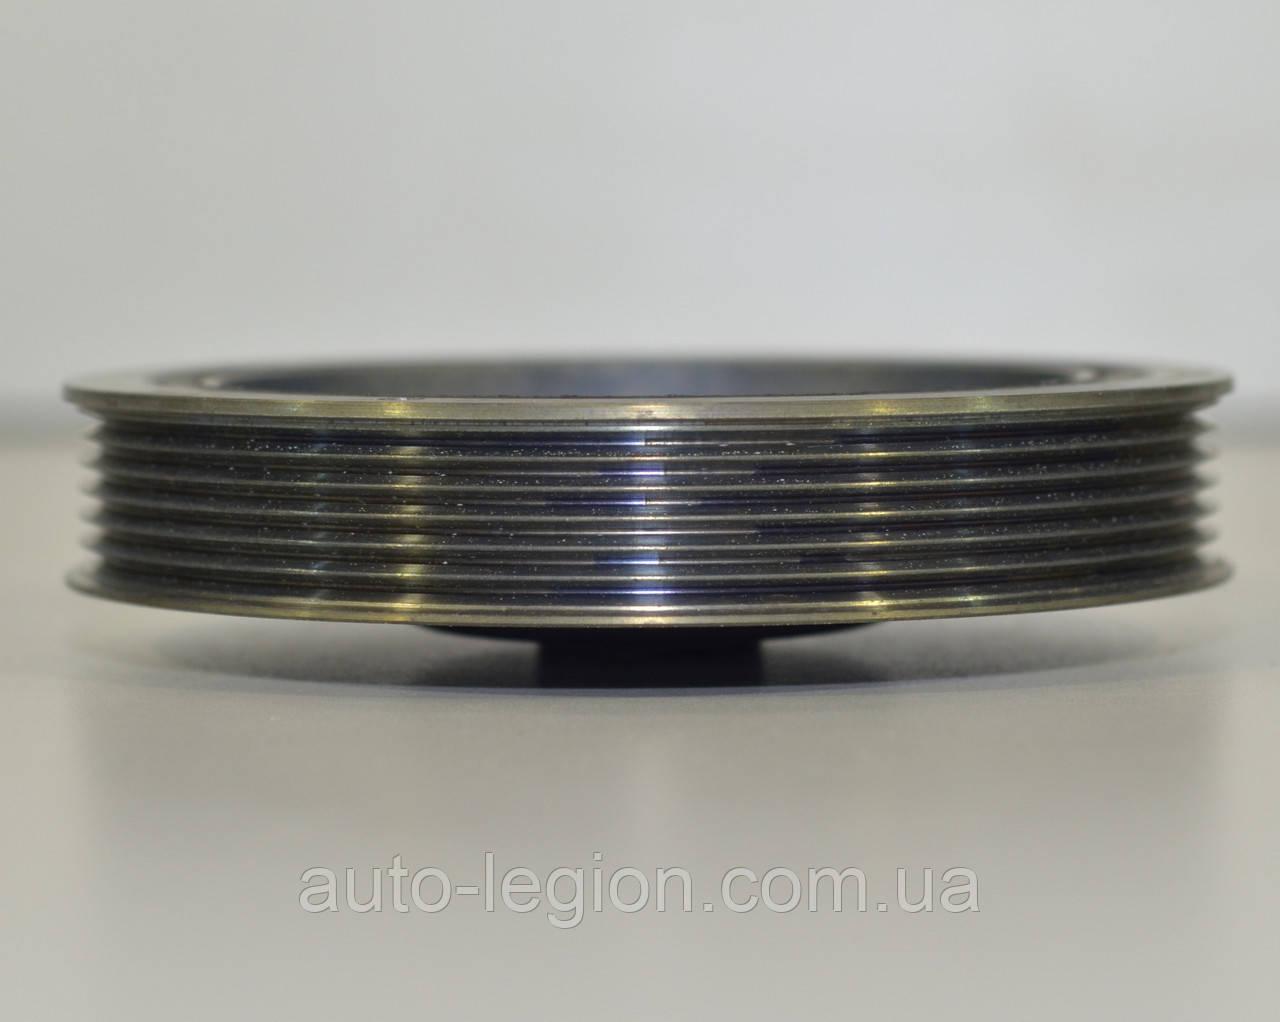 Ременной шкив коленчатого вала на Renault Kangoo II 1.5dCi, 2014-> — Renault (Оригинал) - 12 30 317 77R